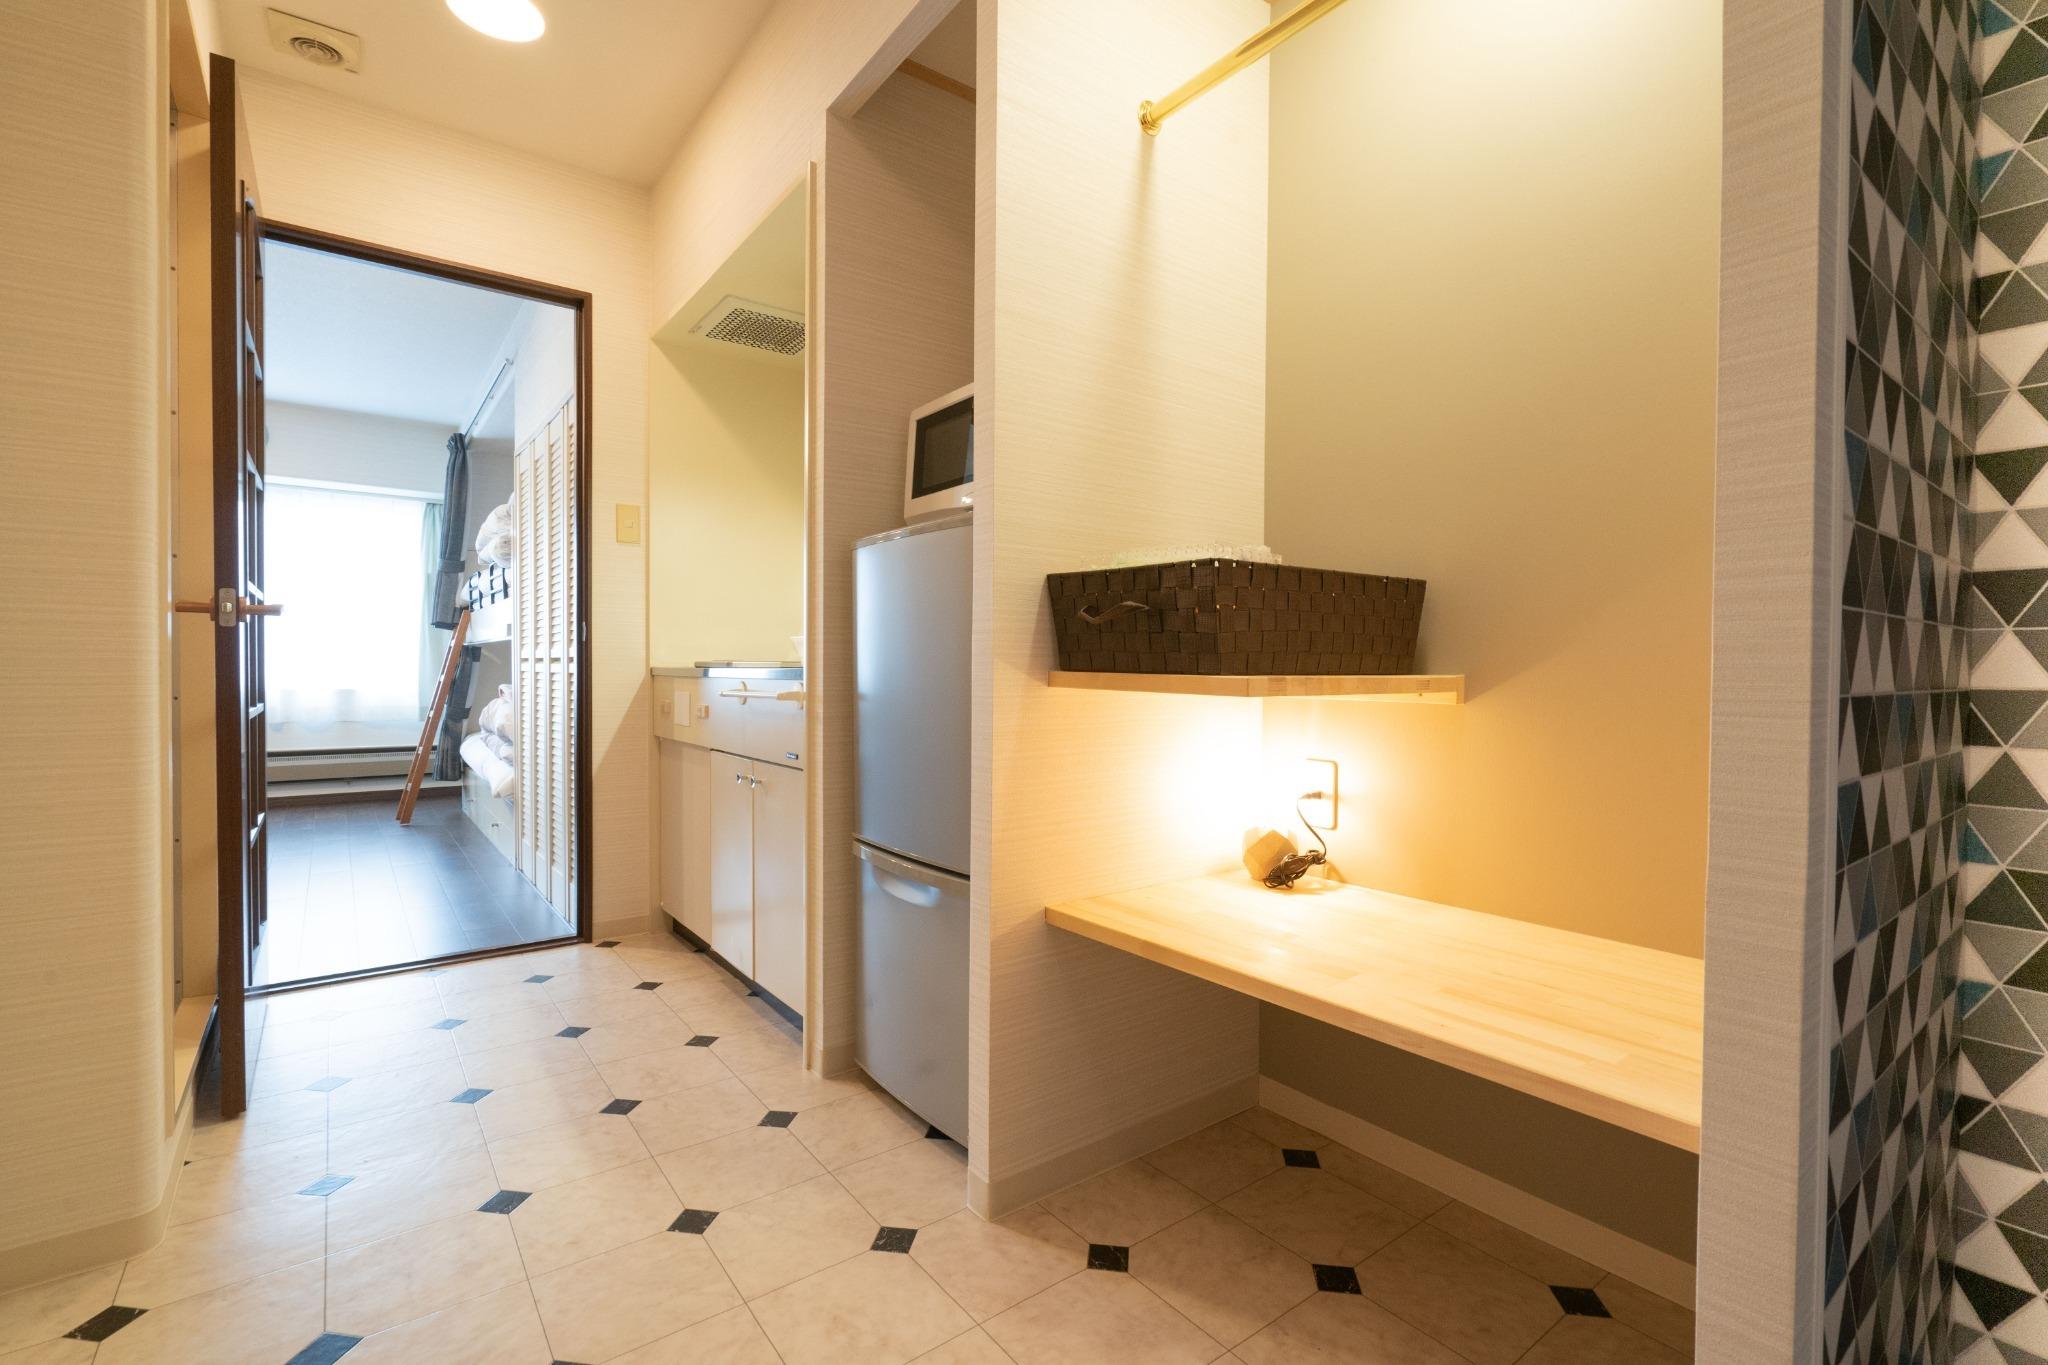 【値下げSALE中】温泉有・Wi-Fi完備・リゾートマンションでごゆっくり【813号室・4名】